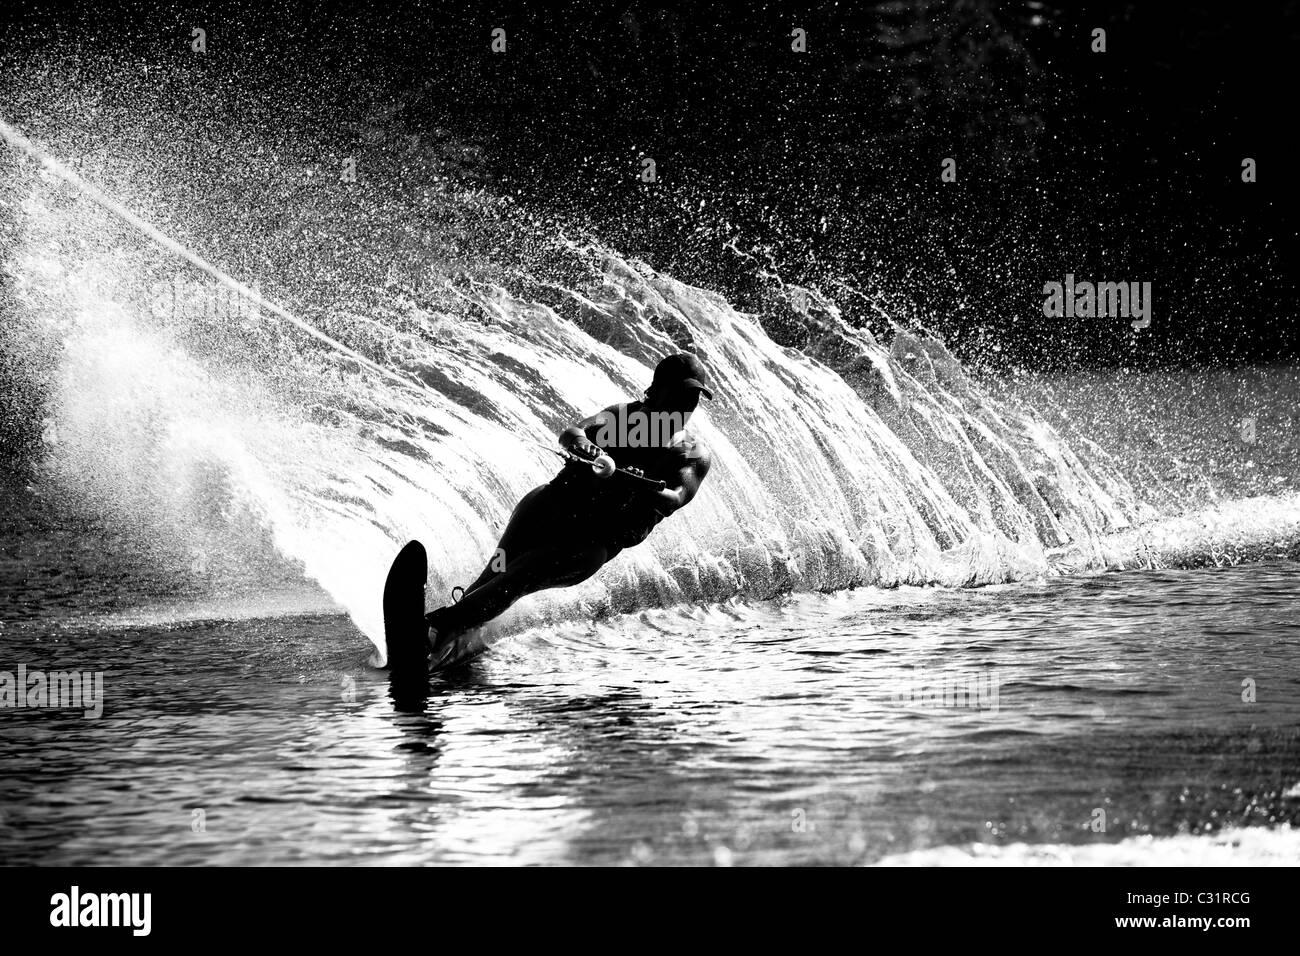 Une skieuse nautique déchire tour provoquant un énorme jet d'eau tandis que le ski sur le lac Cobbosseecontee Photo Stock